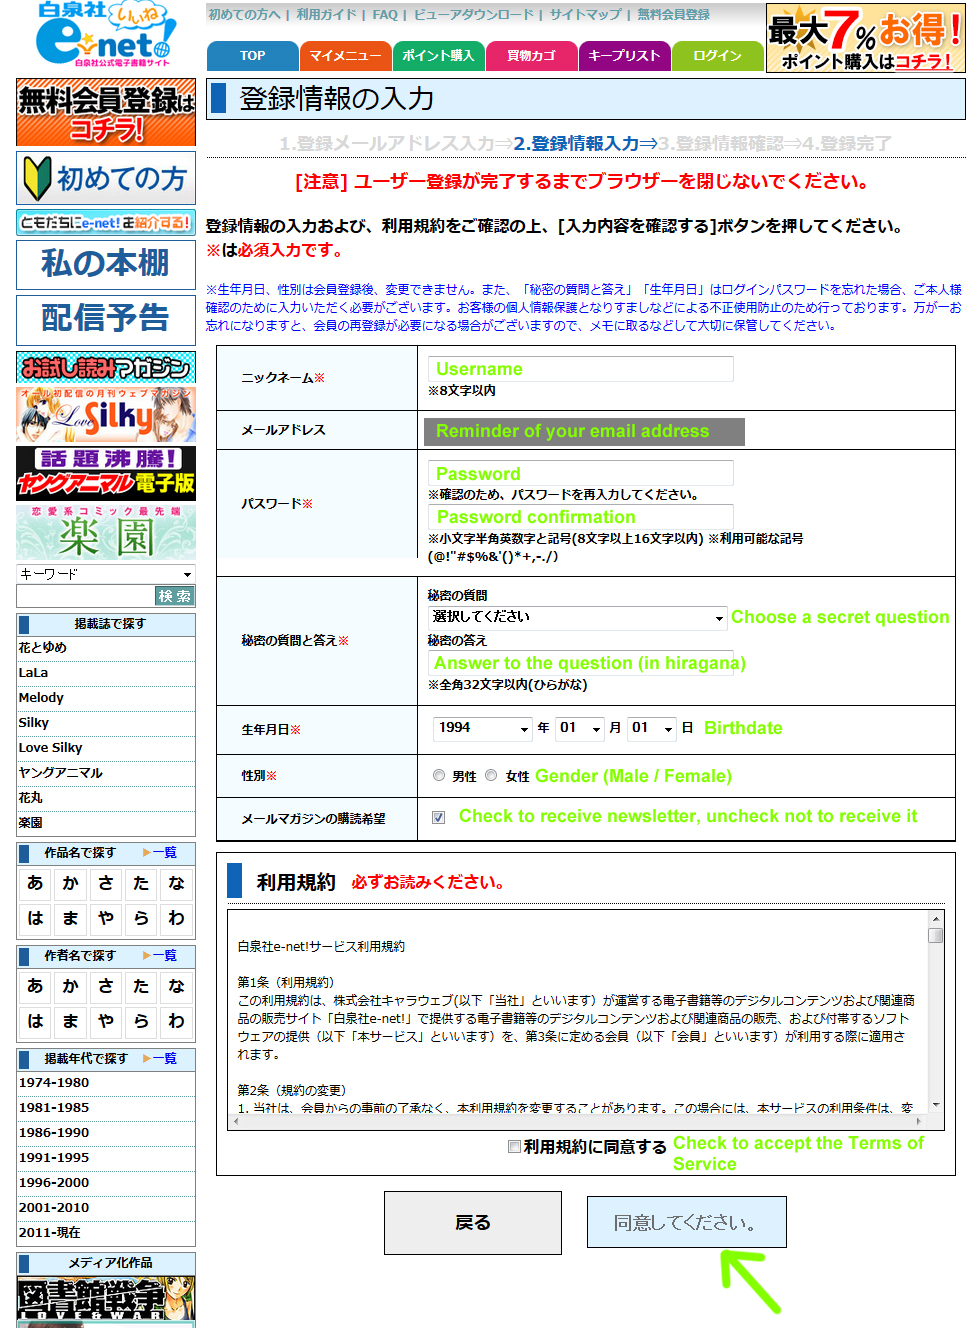 Registration05.jpg